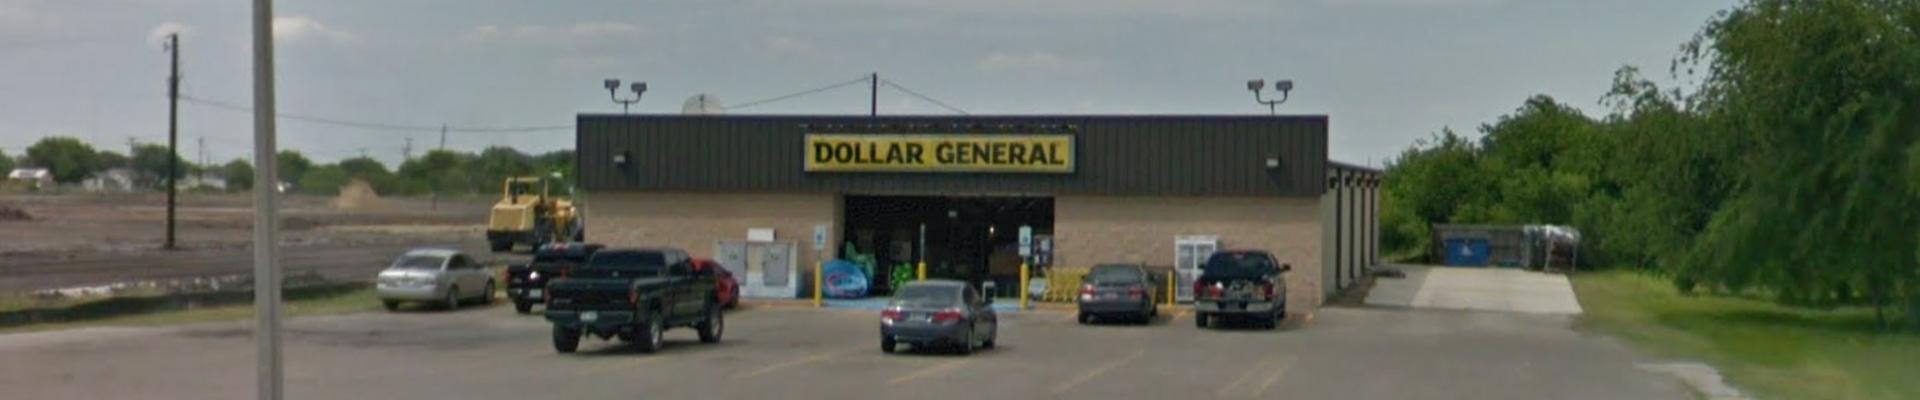 Dollar General (10578) - Bishop, Texas